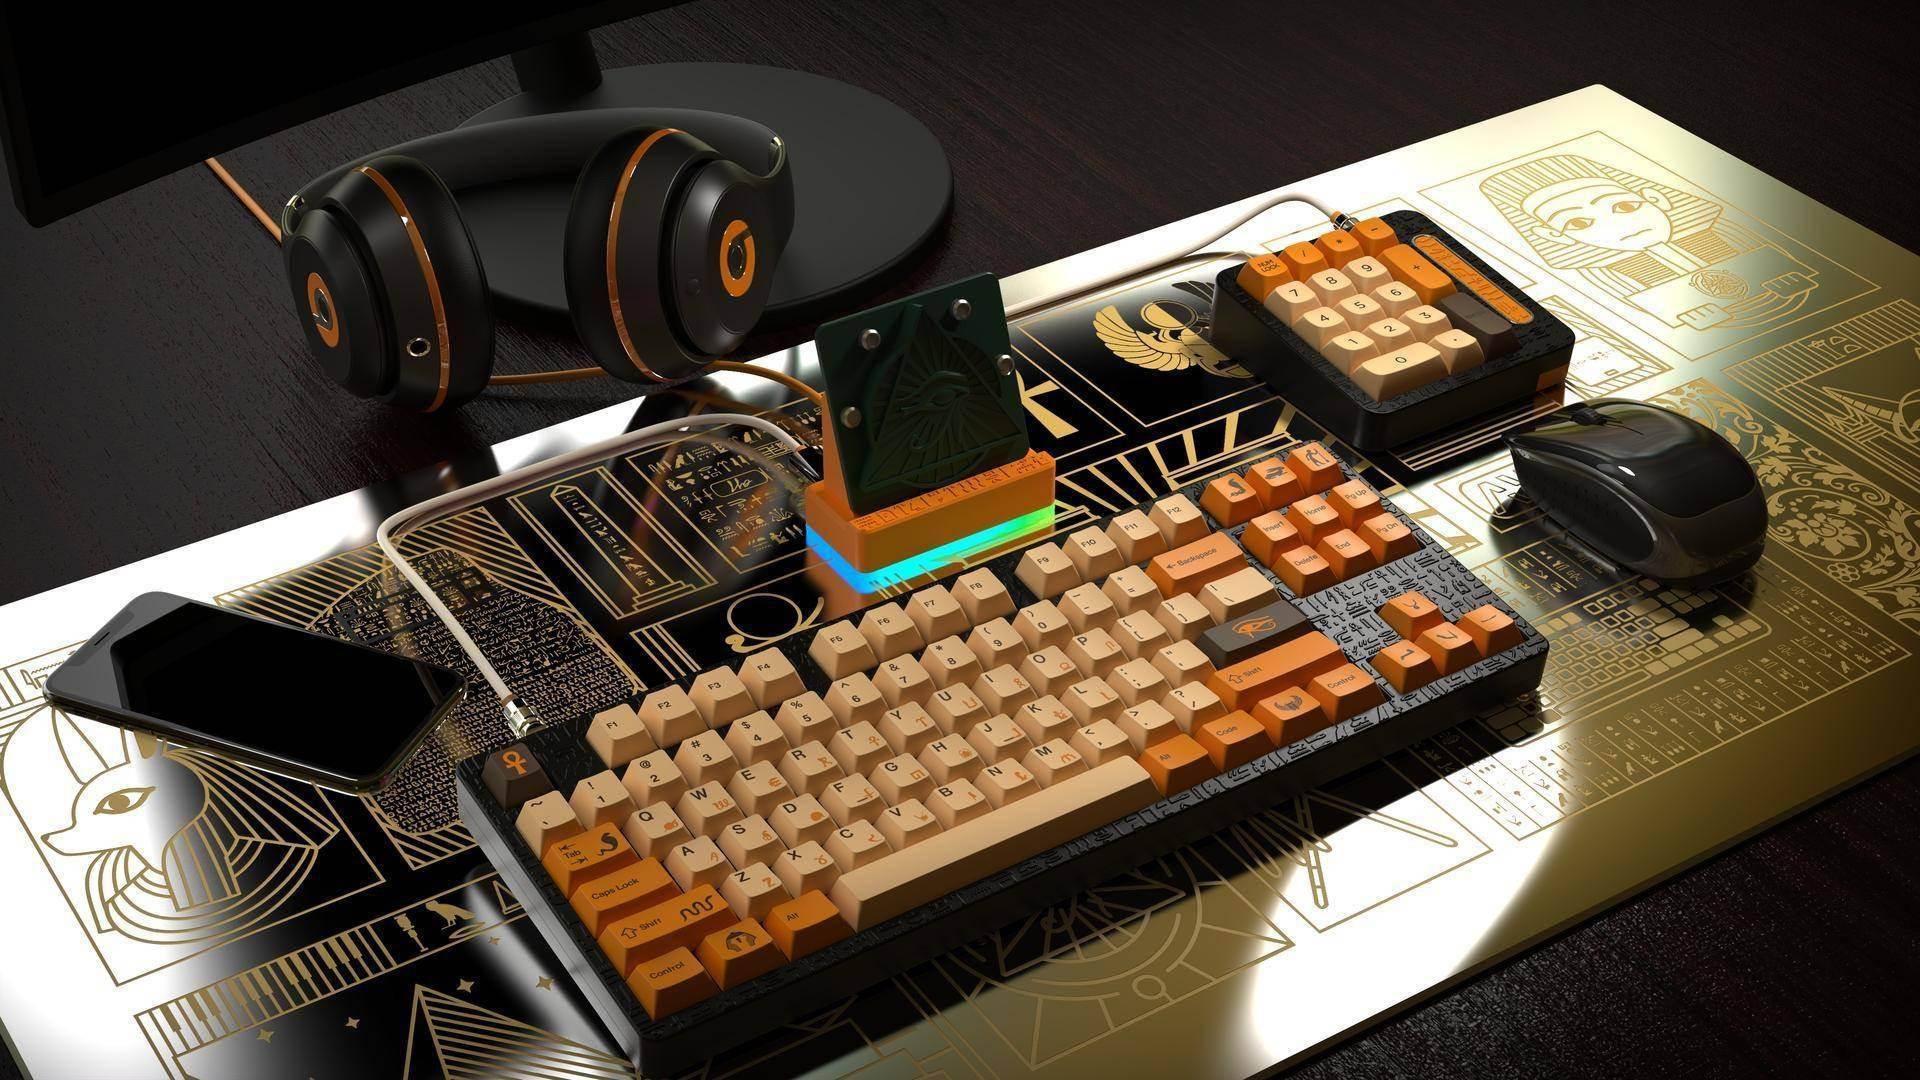 从客制化键盘切入,HELIX想制定电子轻奢的行业规则